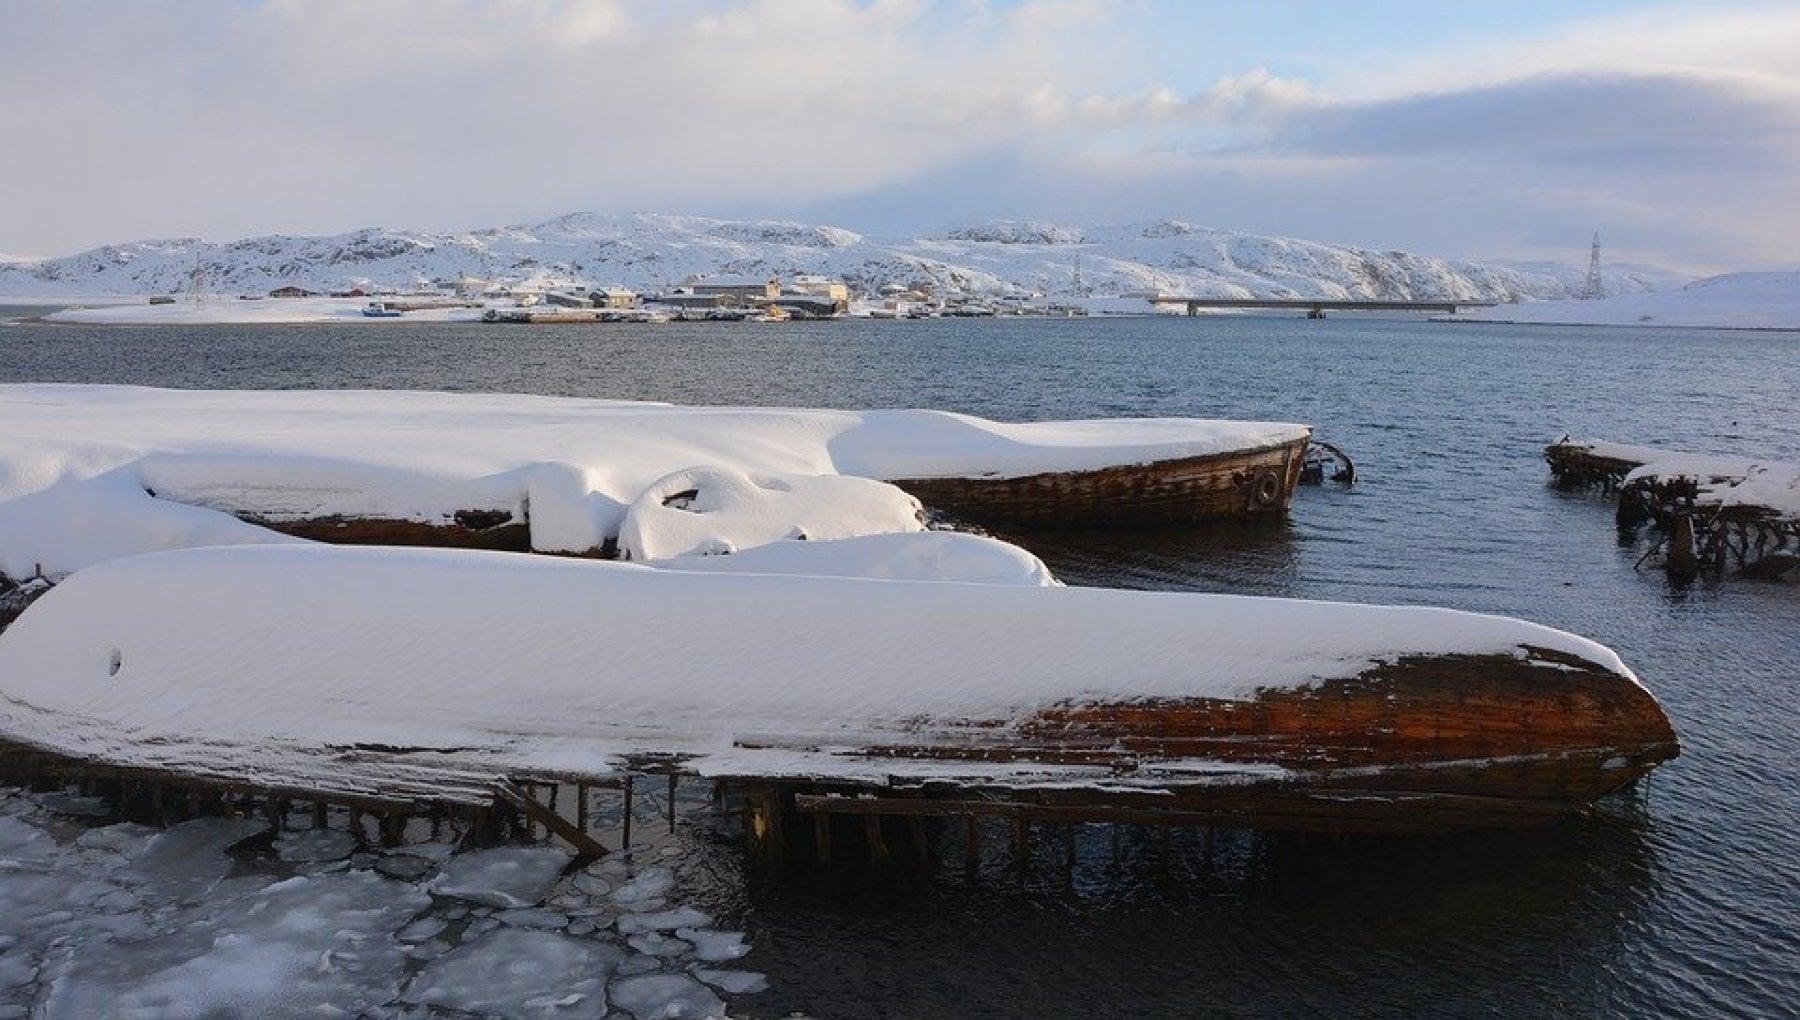 102355935 a0d098b8 c434 4166 820b d9a7e80f45e8 - Russia, 17 dispersi nel naufragio di un peschereccio nell'Artico